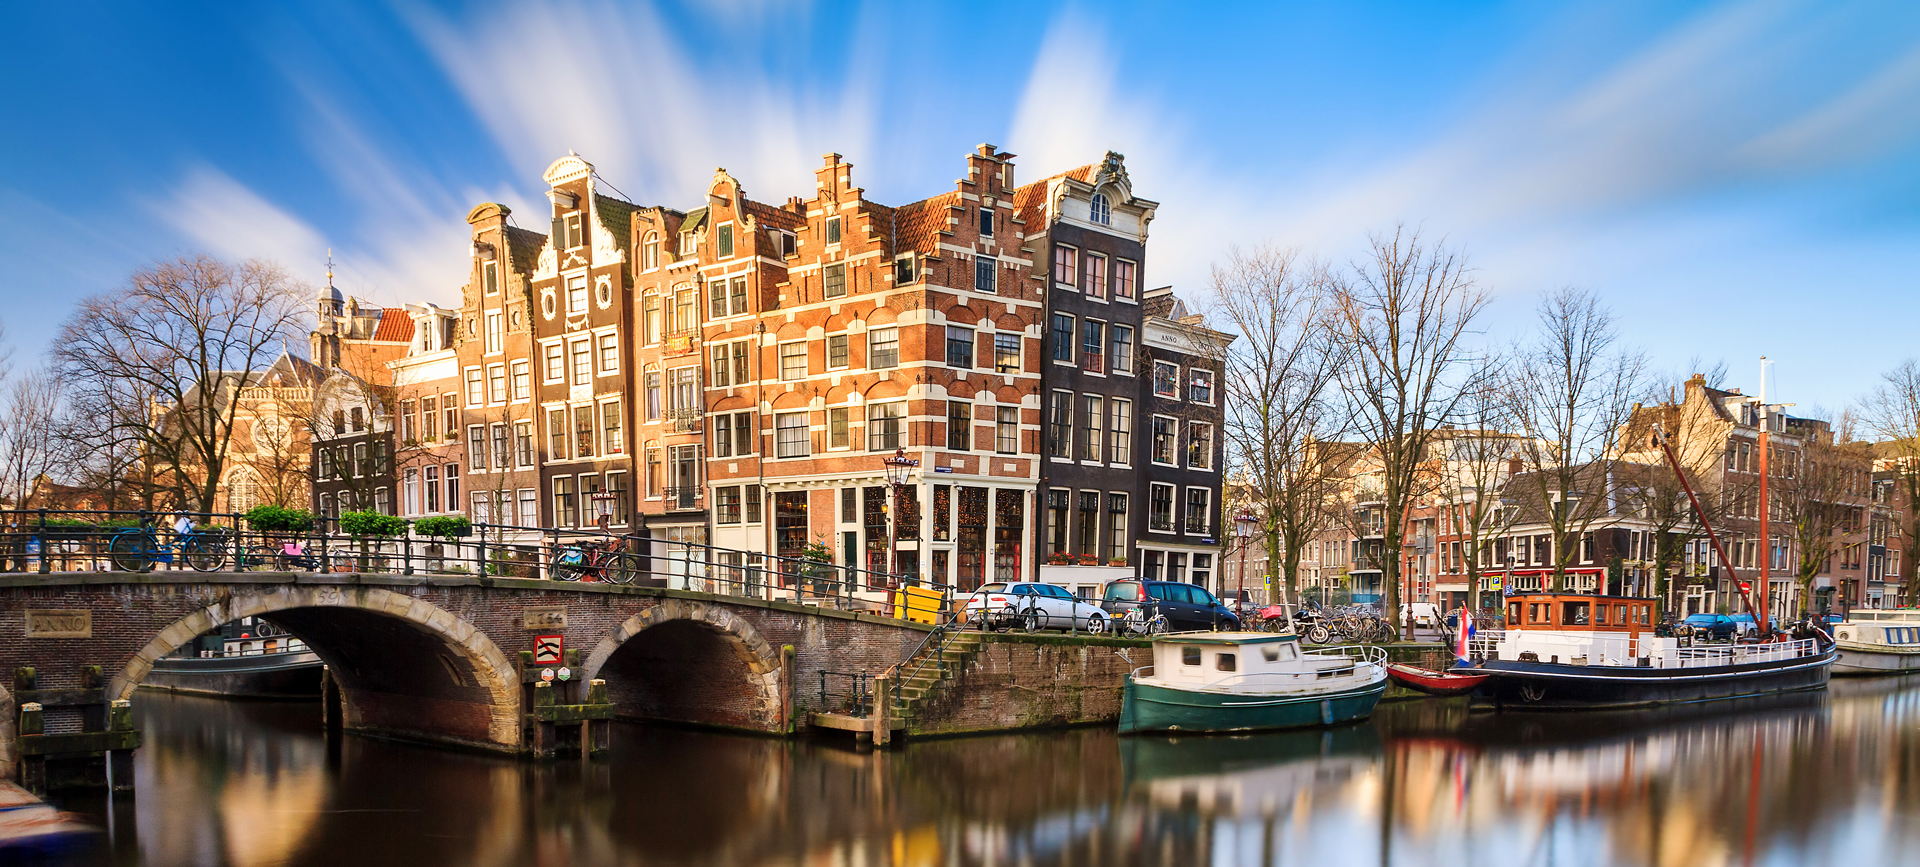 EDIT2_Bedrijfsrecherche-heijm-amsterdam-1